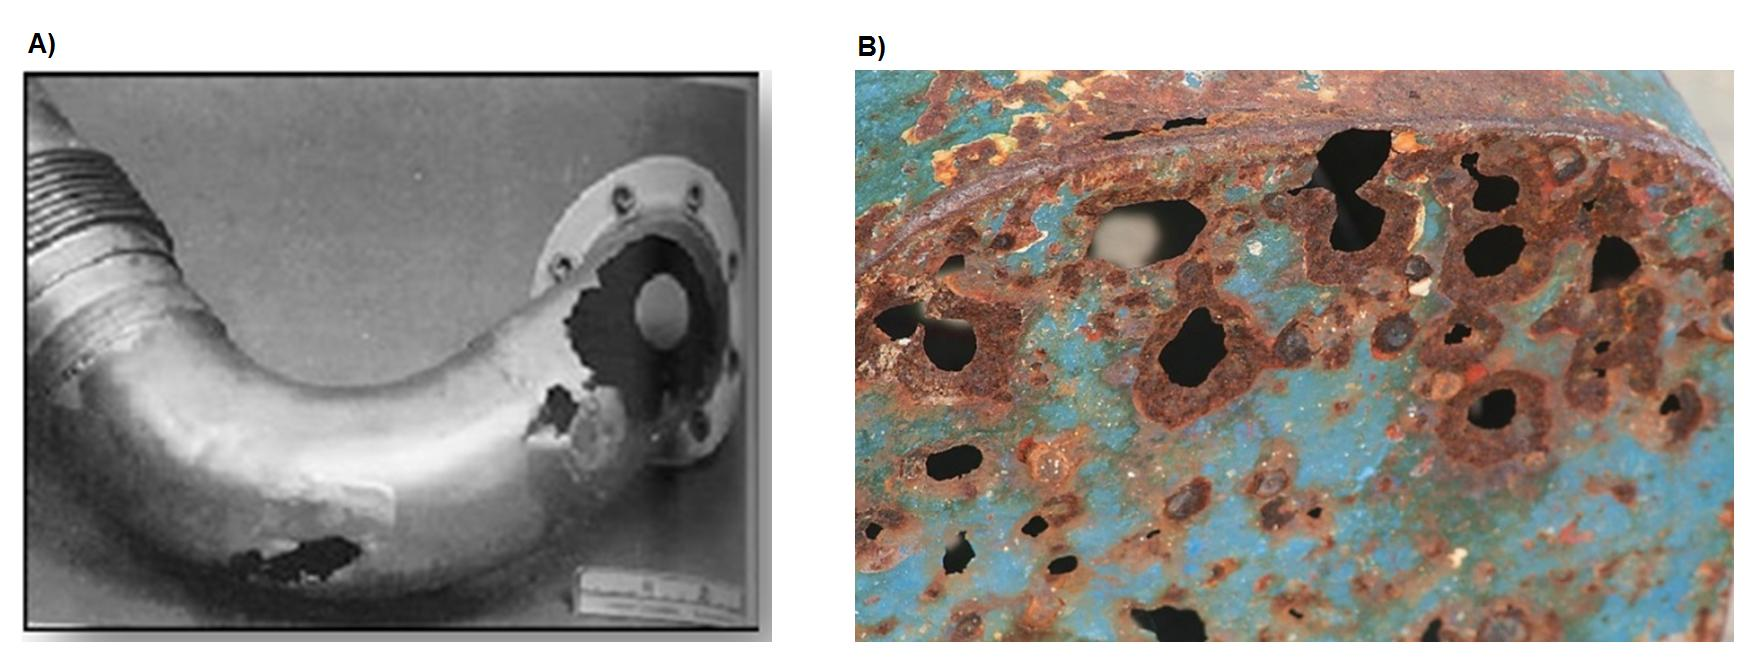 A) Exemplo de erosão por partículas em curva de tubulação | B) Exemplo de equipamento industrial com efeito de corrosão